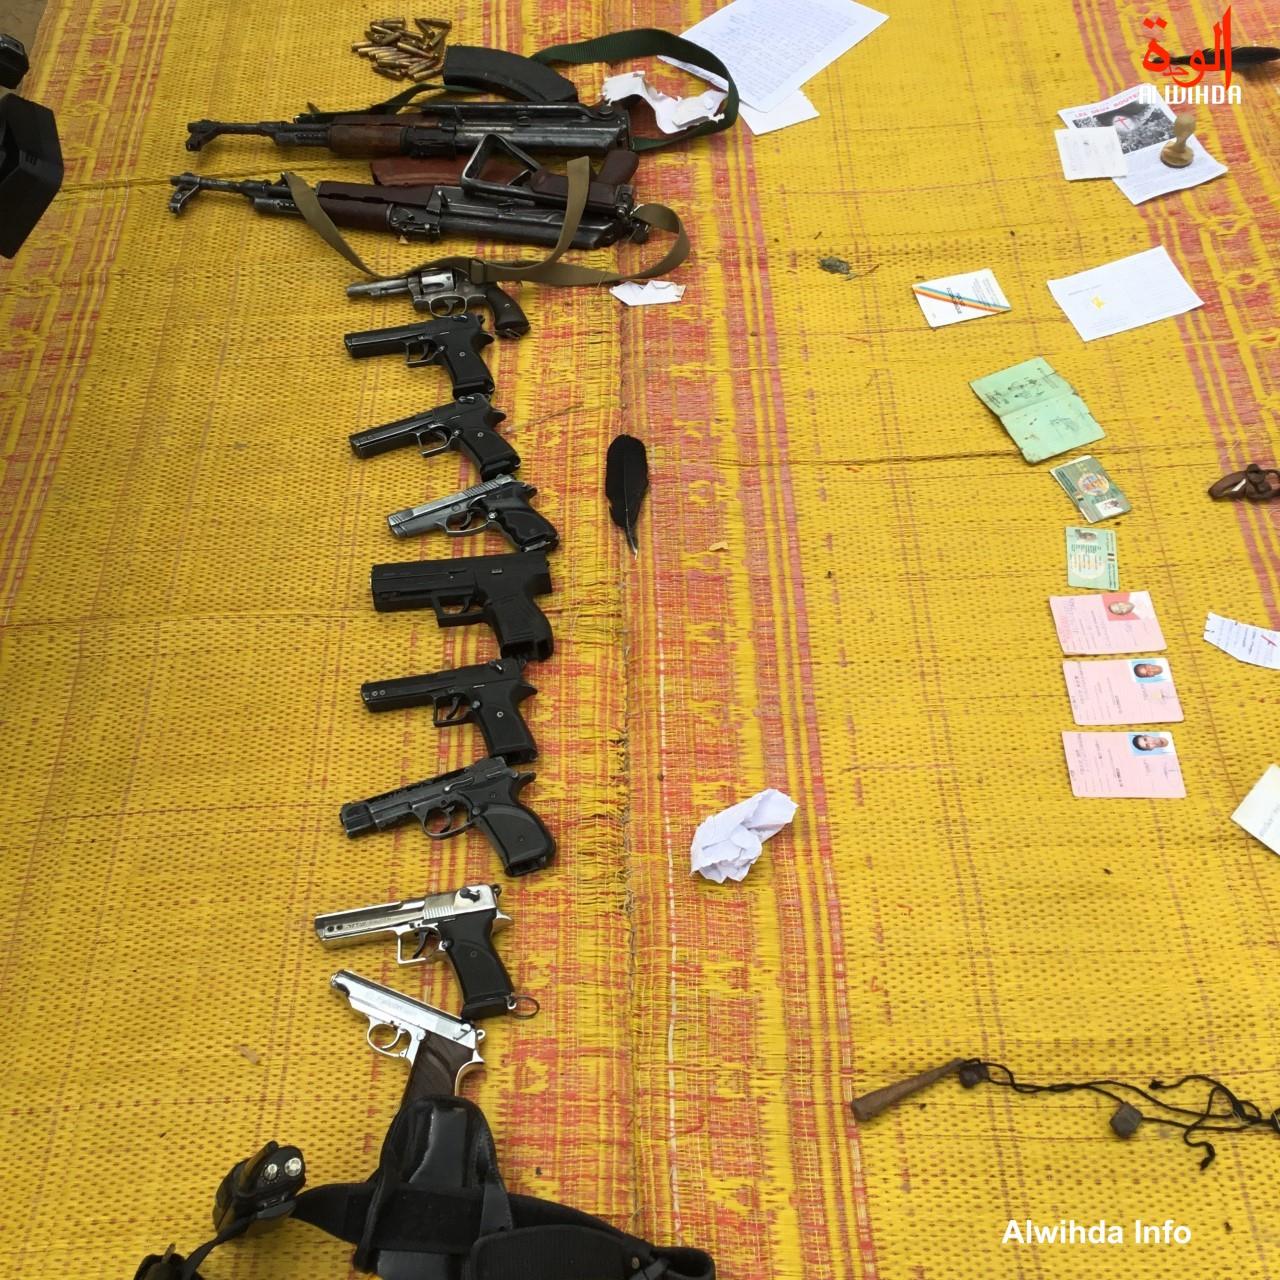 Des armes saisies par la police tchadienne et présentées en juin 2019 à N'Djamena. ©Alwihda Info